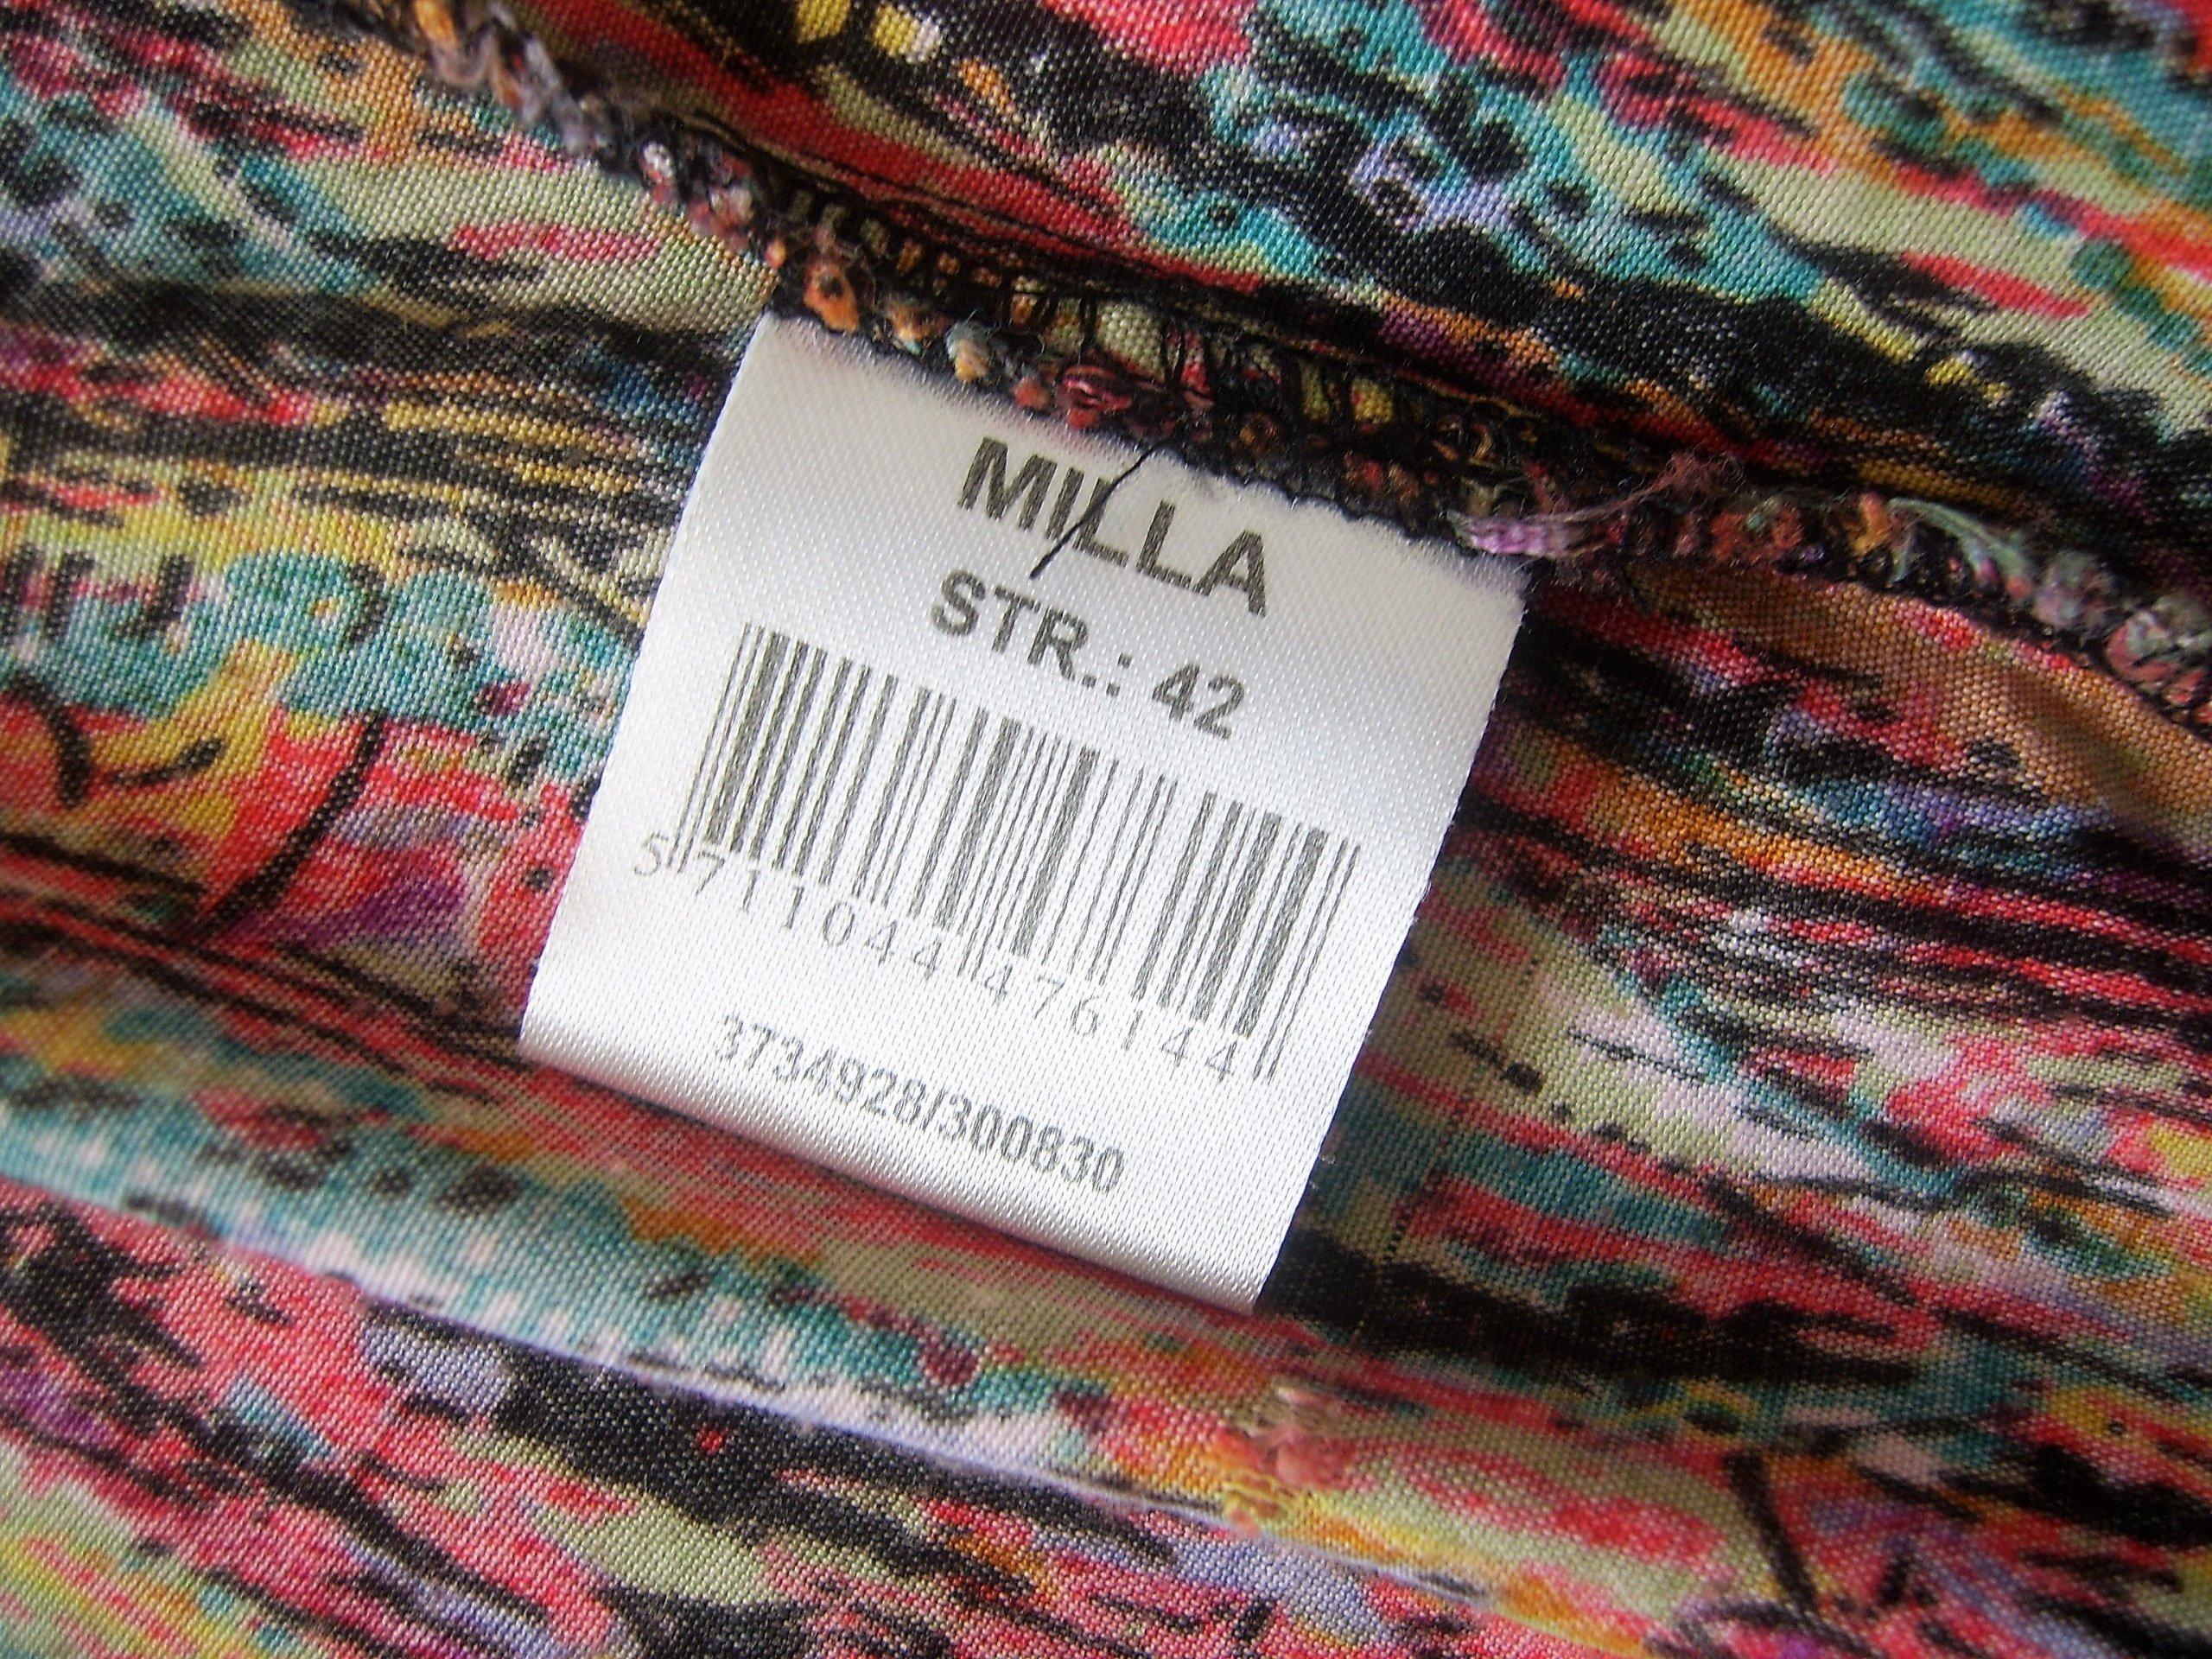 122f5b3944 SUKIENKA letnia kolorowa MILLA 42   XL - 7350106171 - oficjalne ...